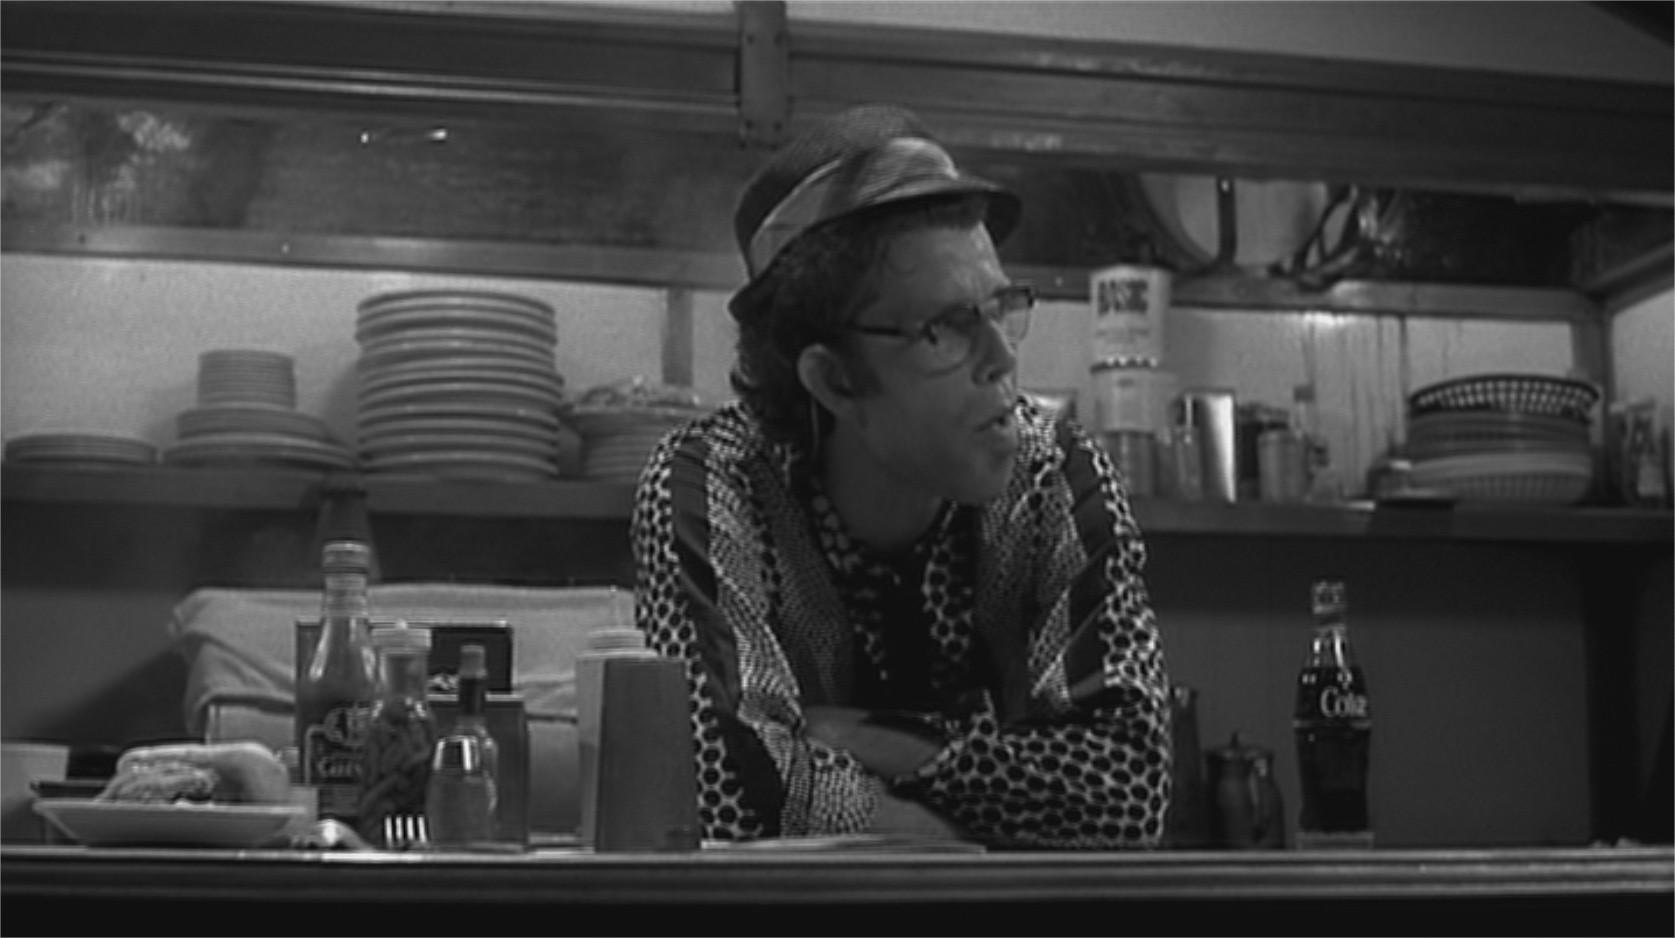 Rusty James Analyse Et Critique Du Film De Francis Ford